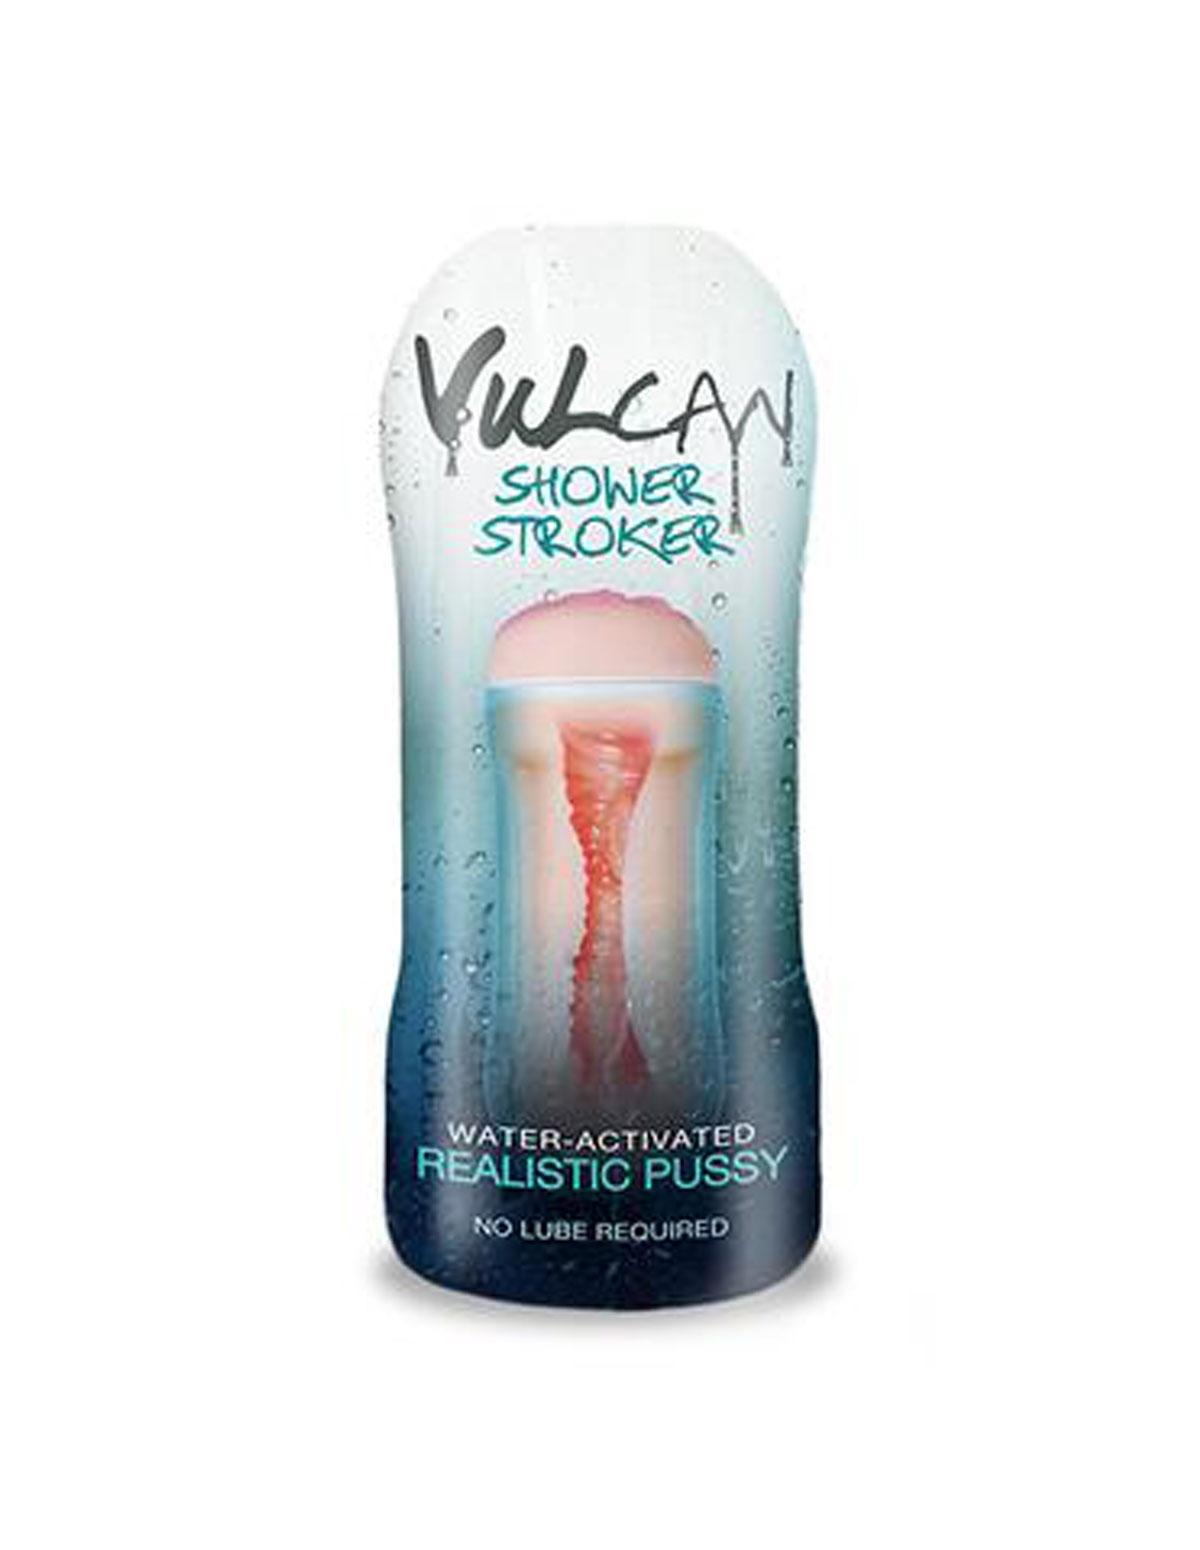 Cyberskin Vulcan Pussy Shower Stroker